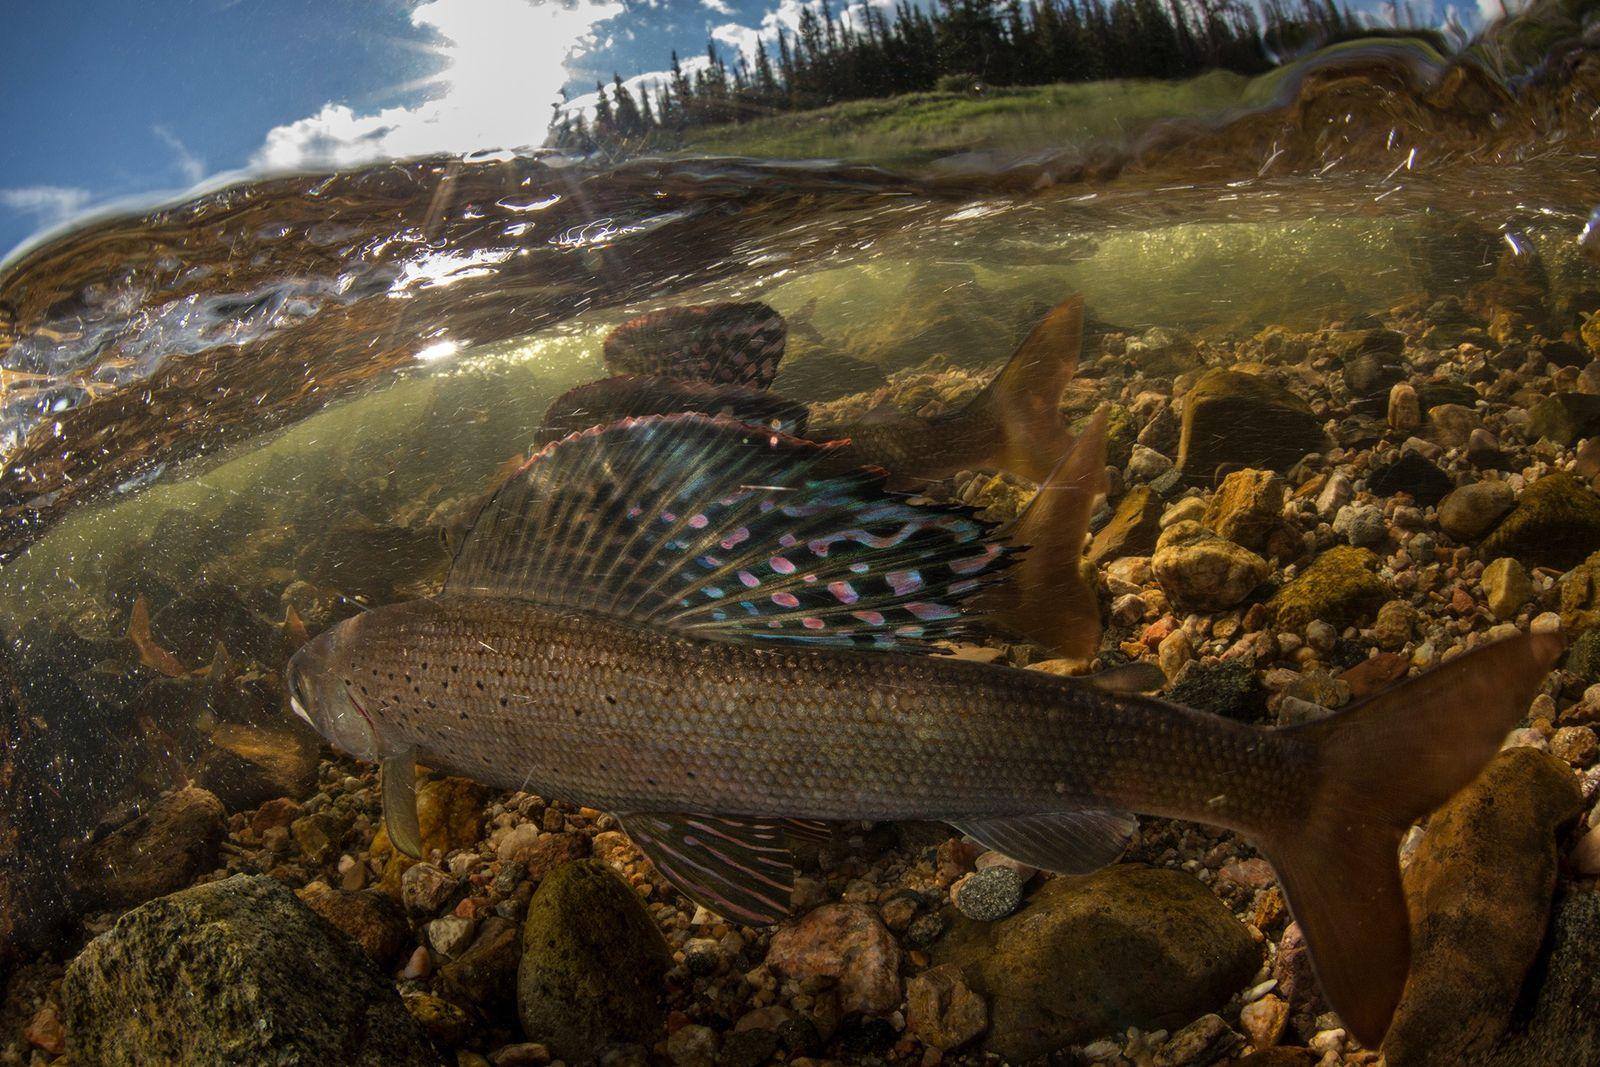 peixe sombra